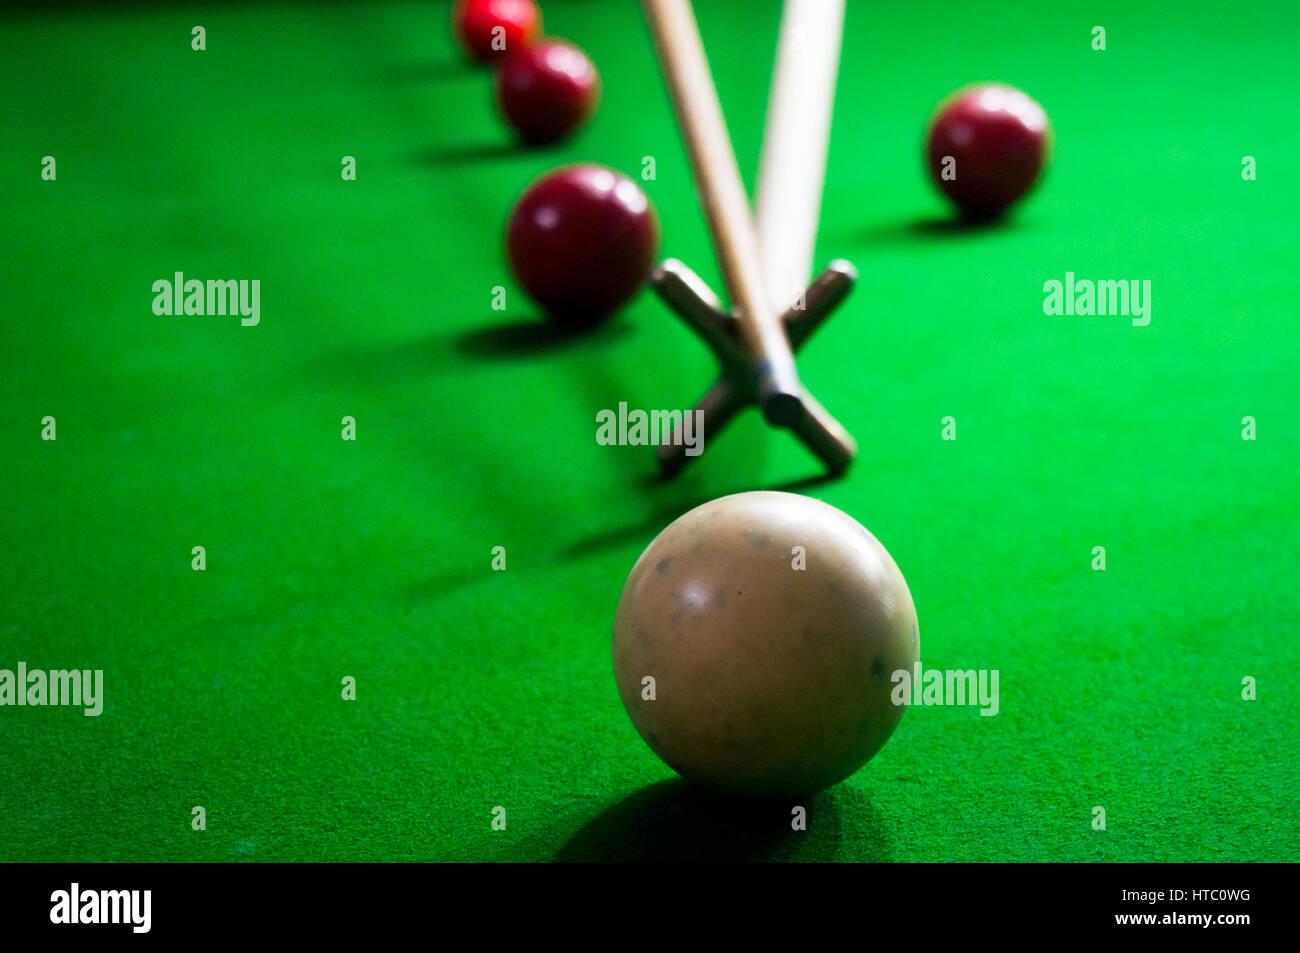 mit Hilfe eines Spider-Sticks in eine Partie Snooker Pool oder Billard zu weit hergeholt Stockbild